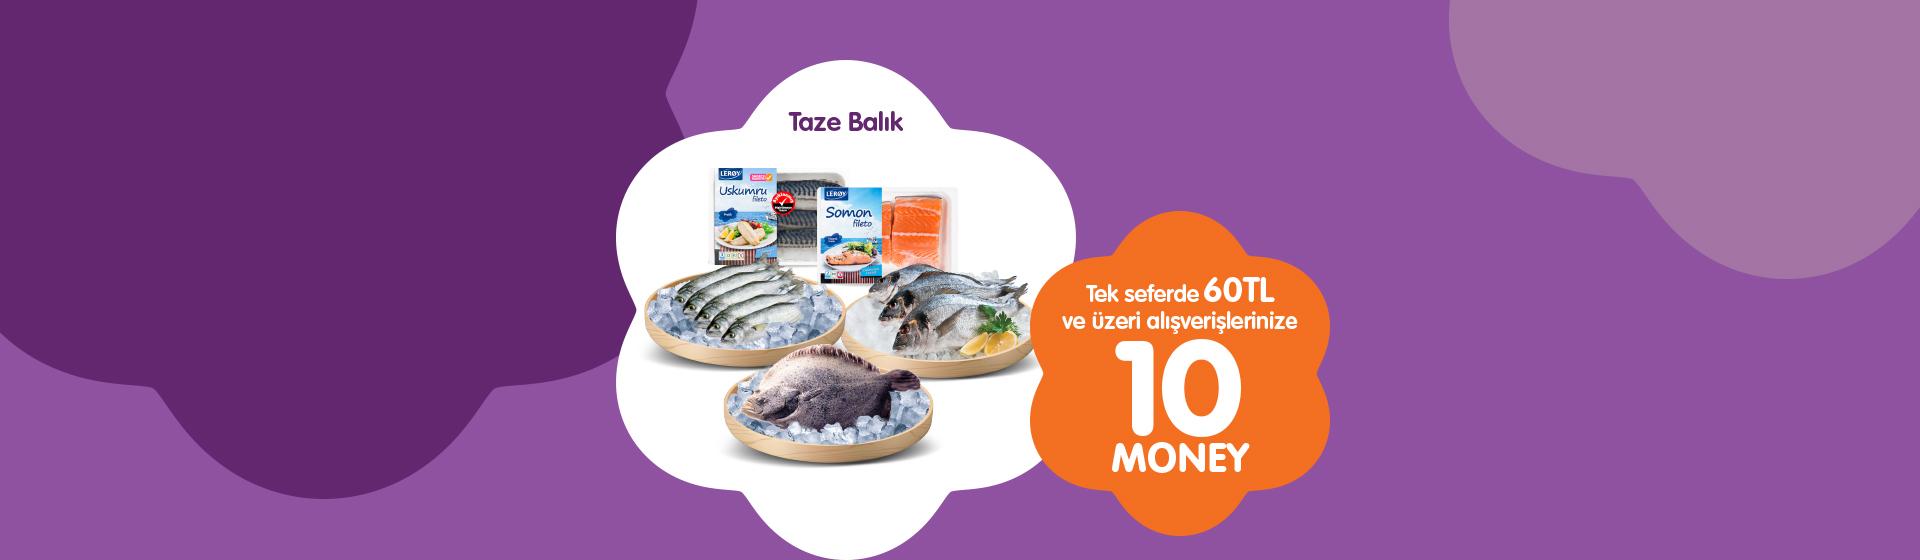 Taze Dökme Balık Money Kampanyası